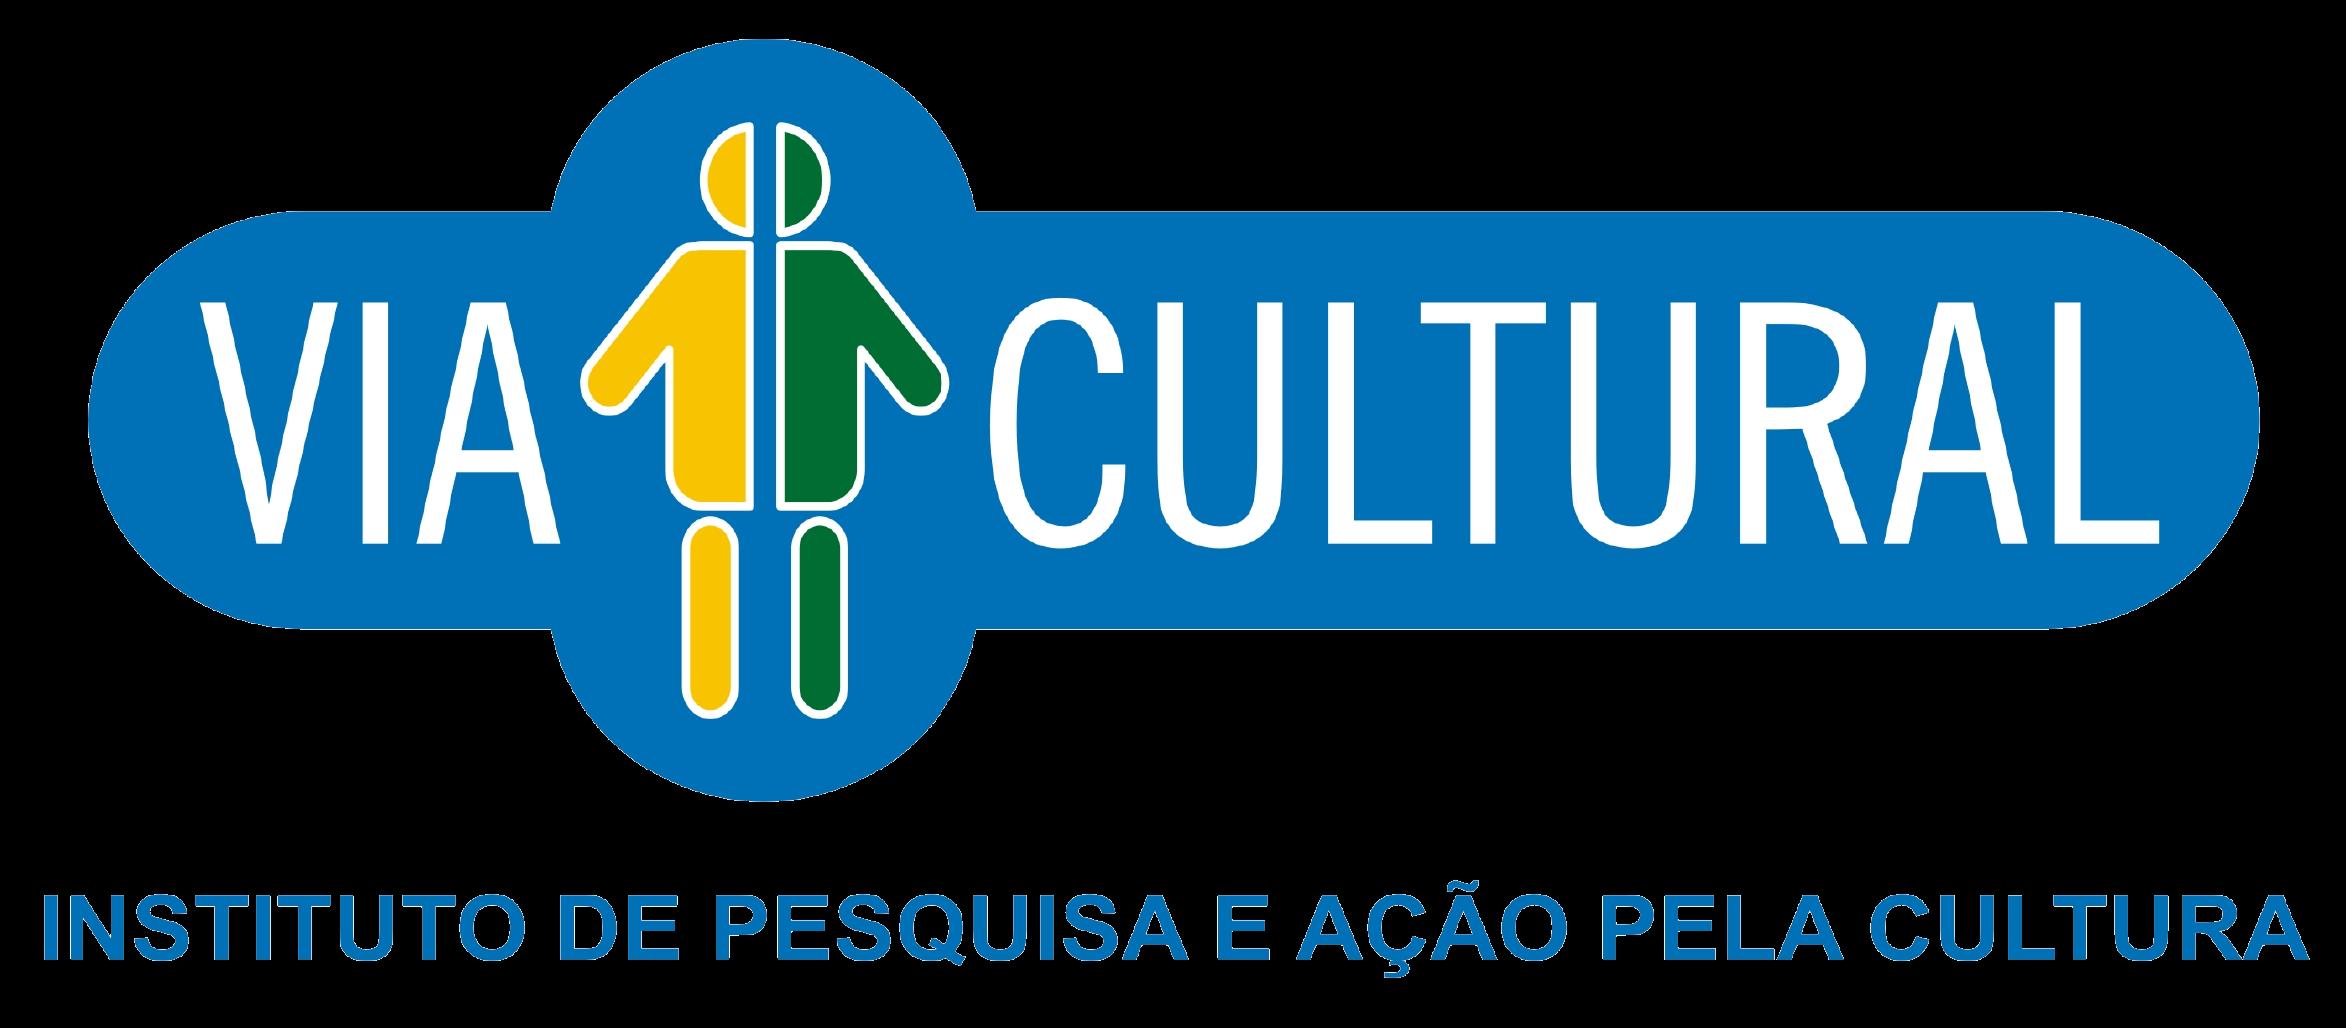 Instituto VIA CULTURAL